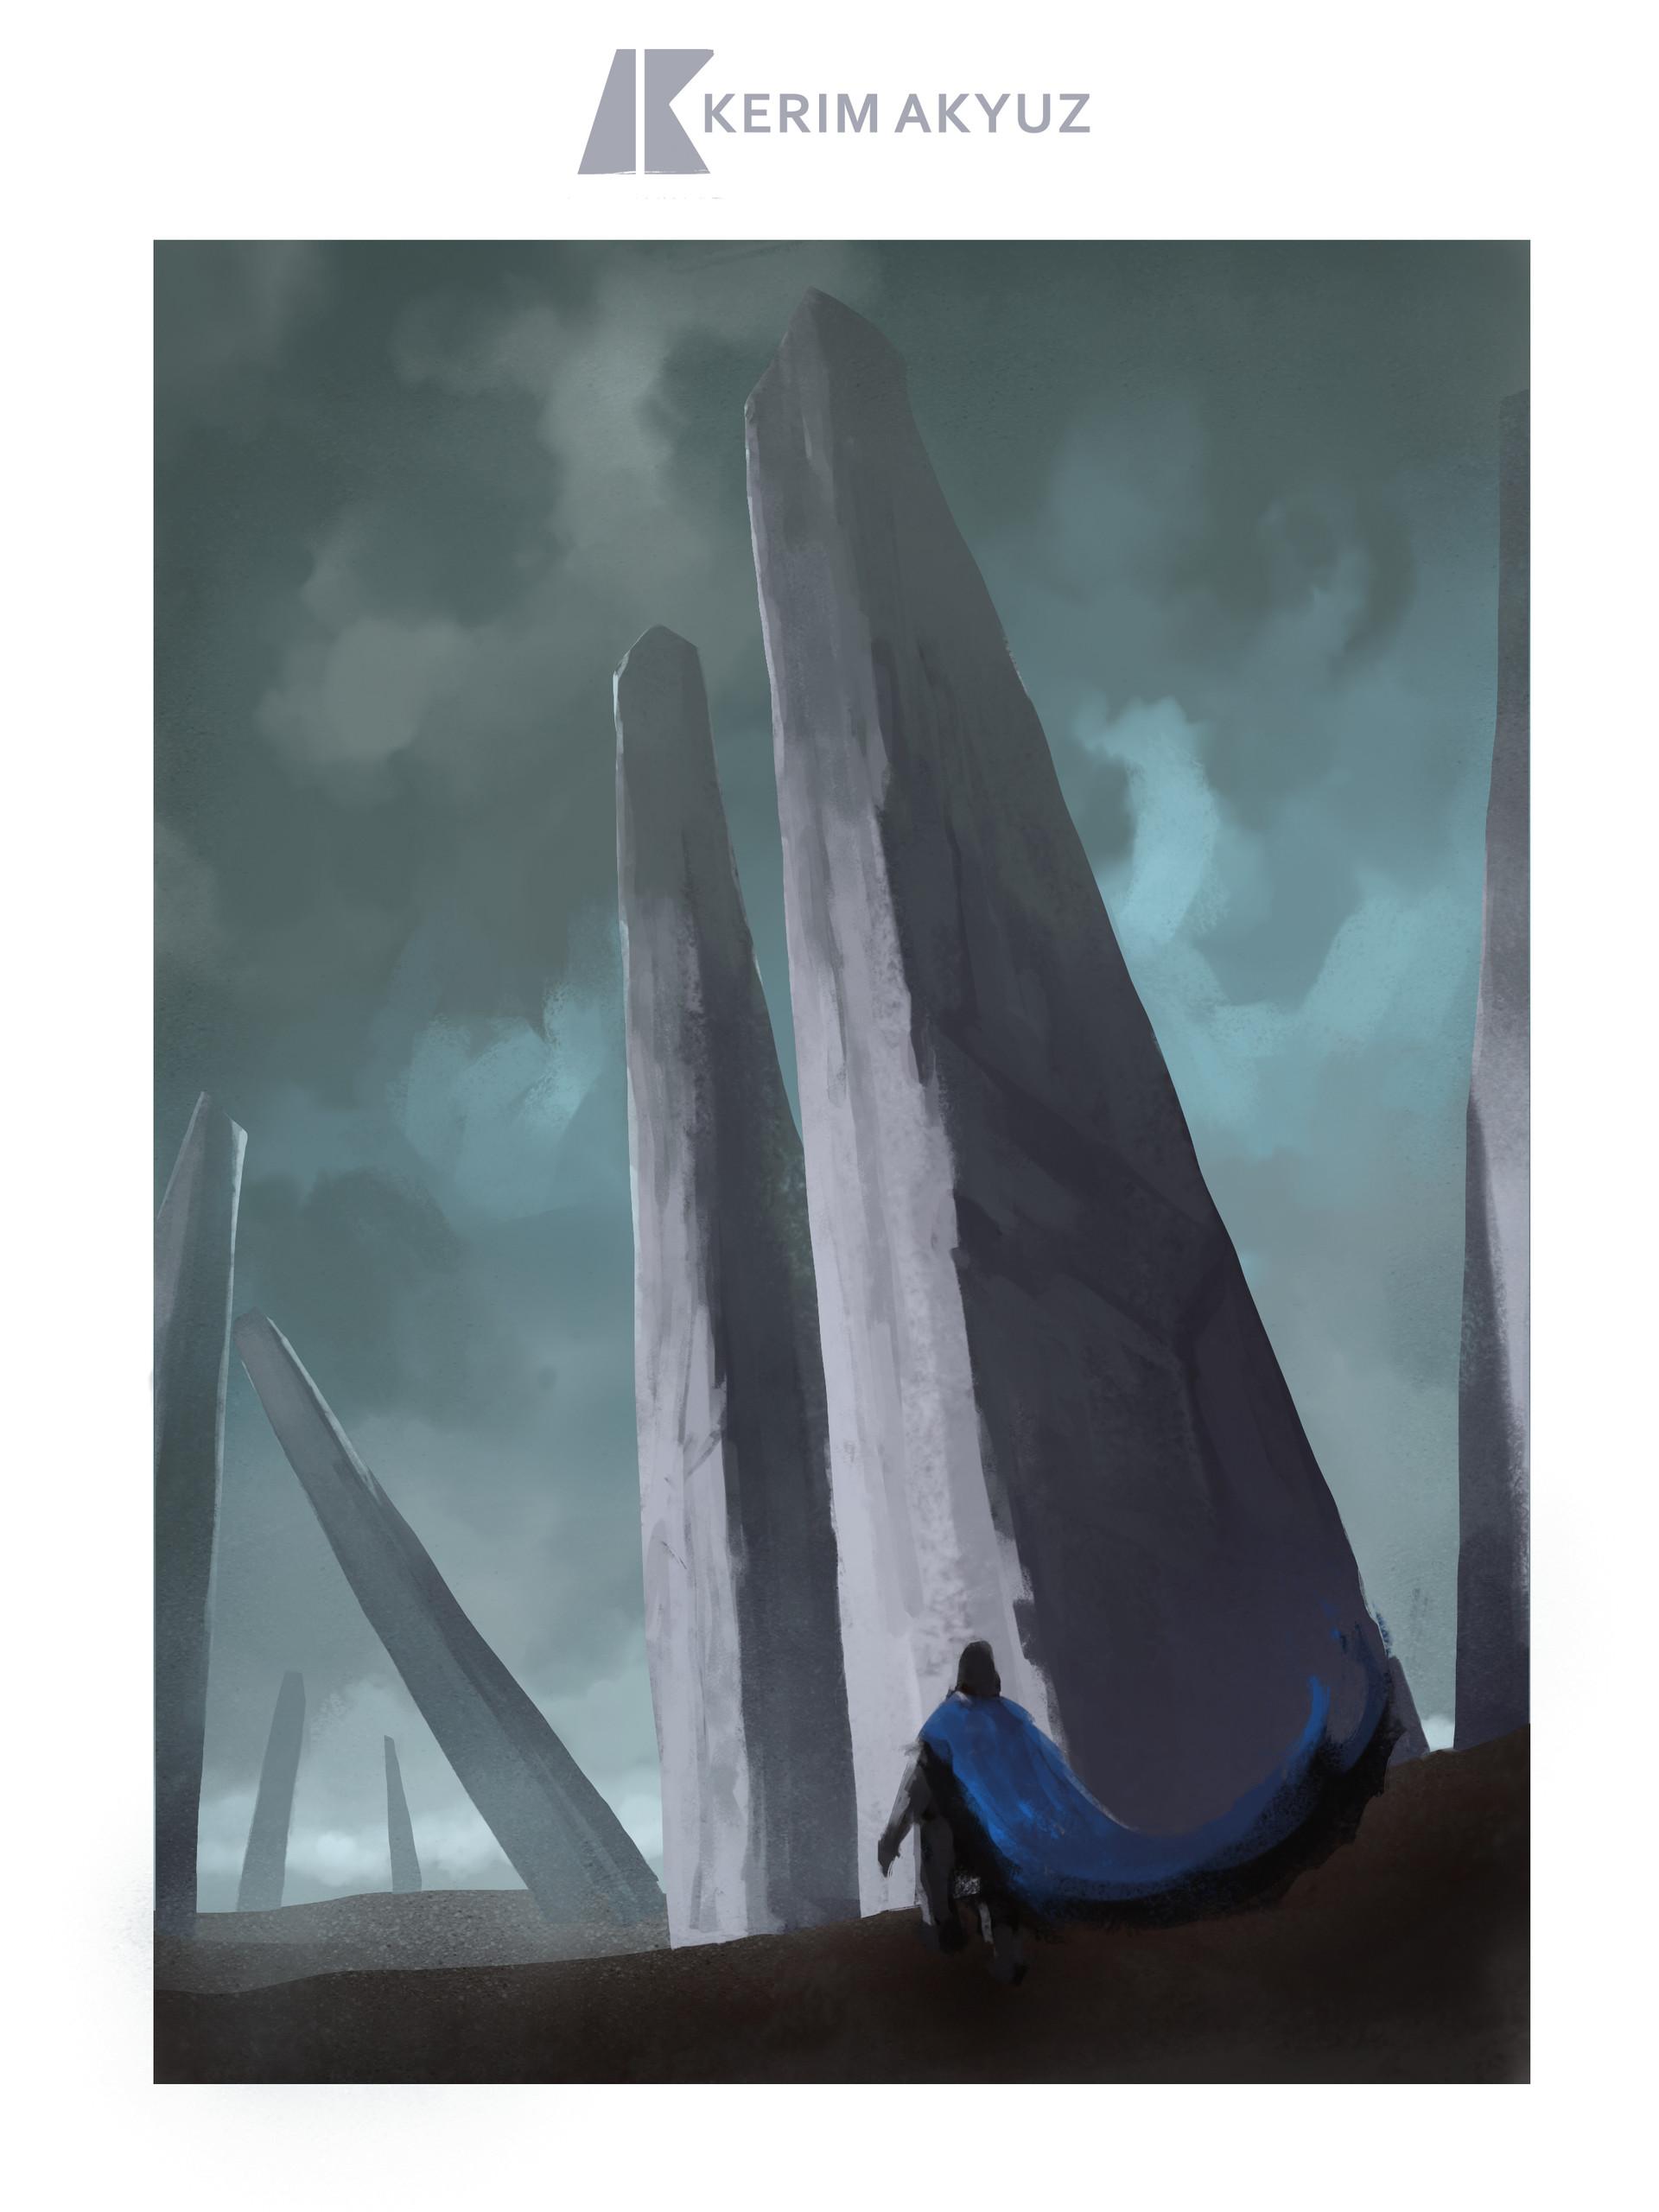 Kerim akyuz 61 toweringplains